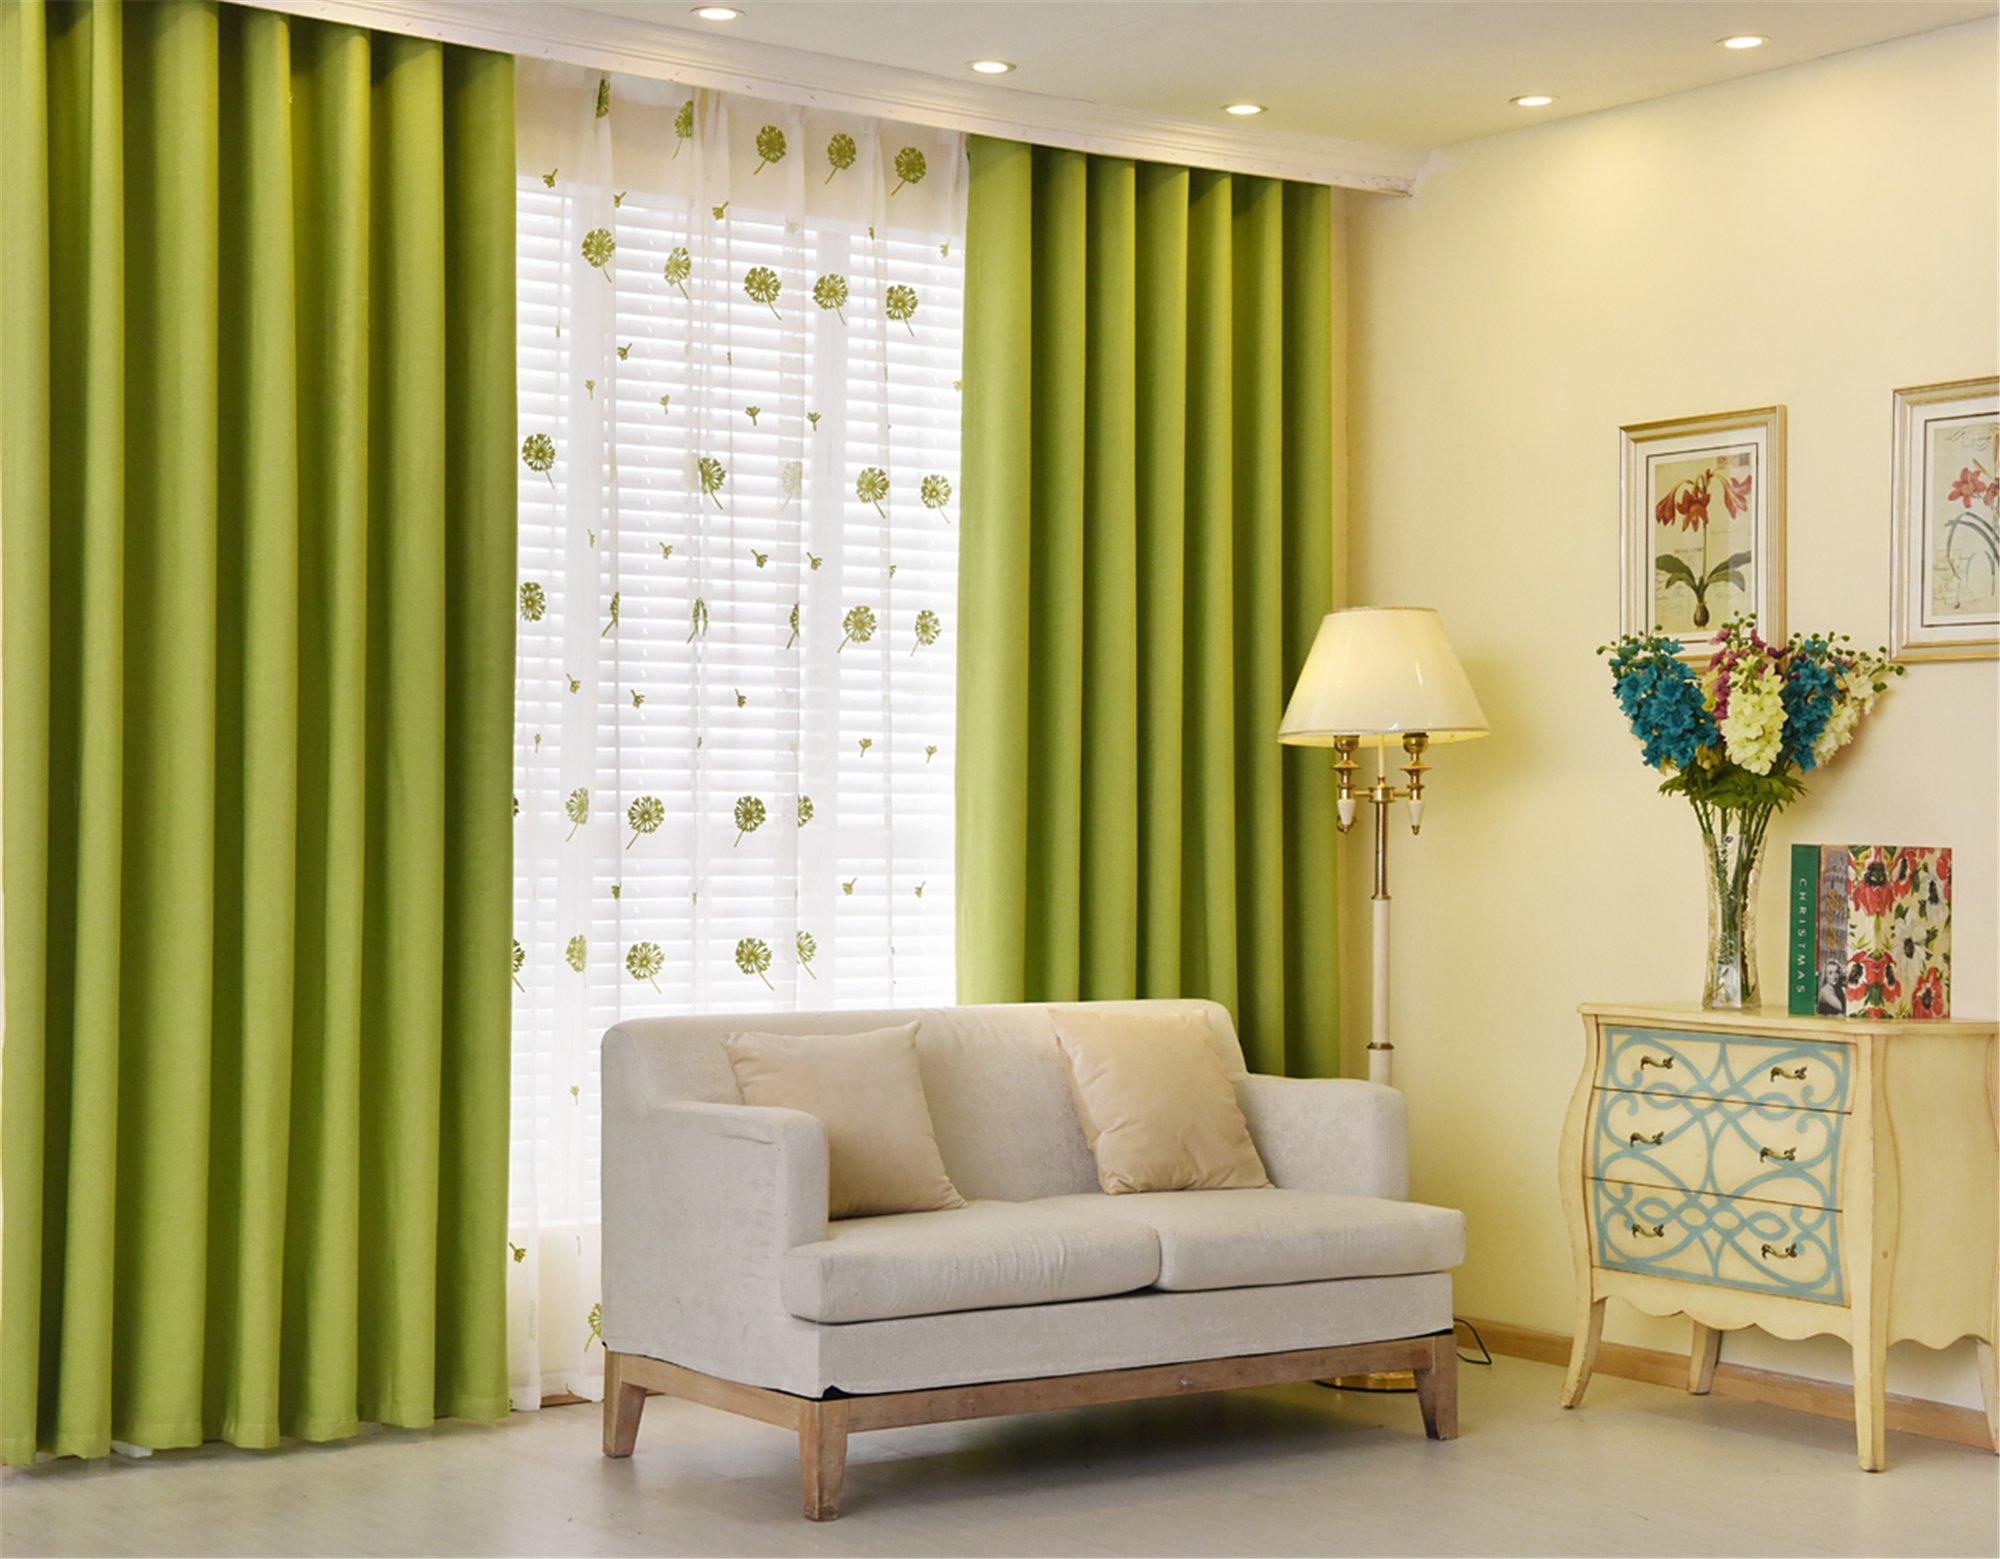 зеленые шторы в серой гамме